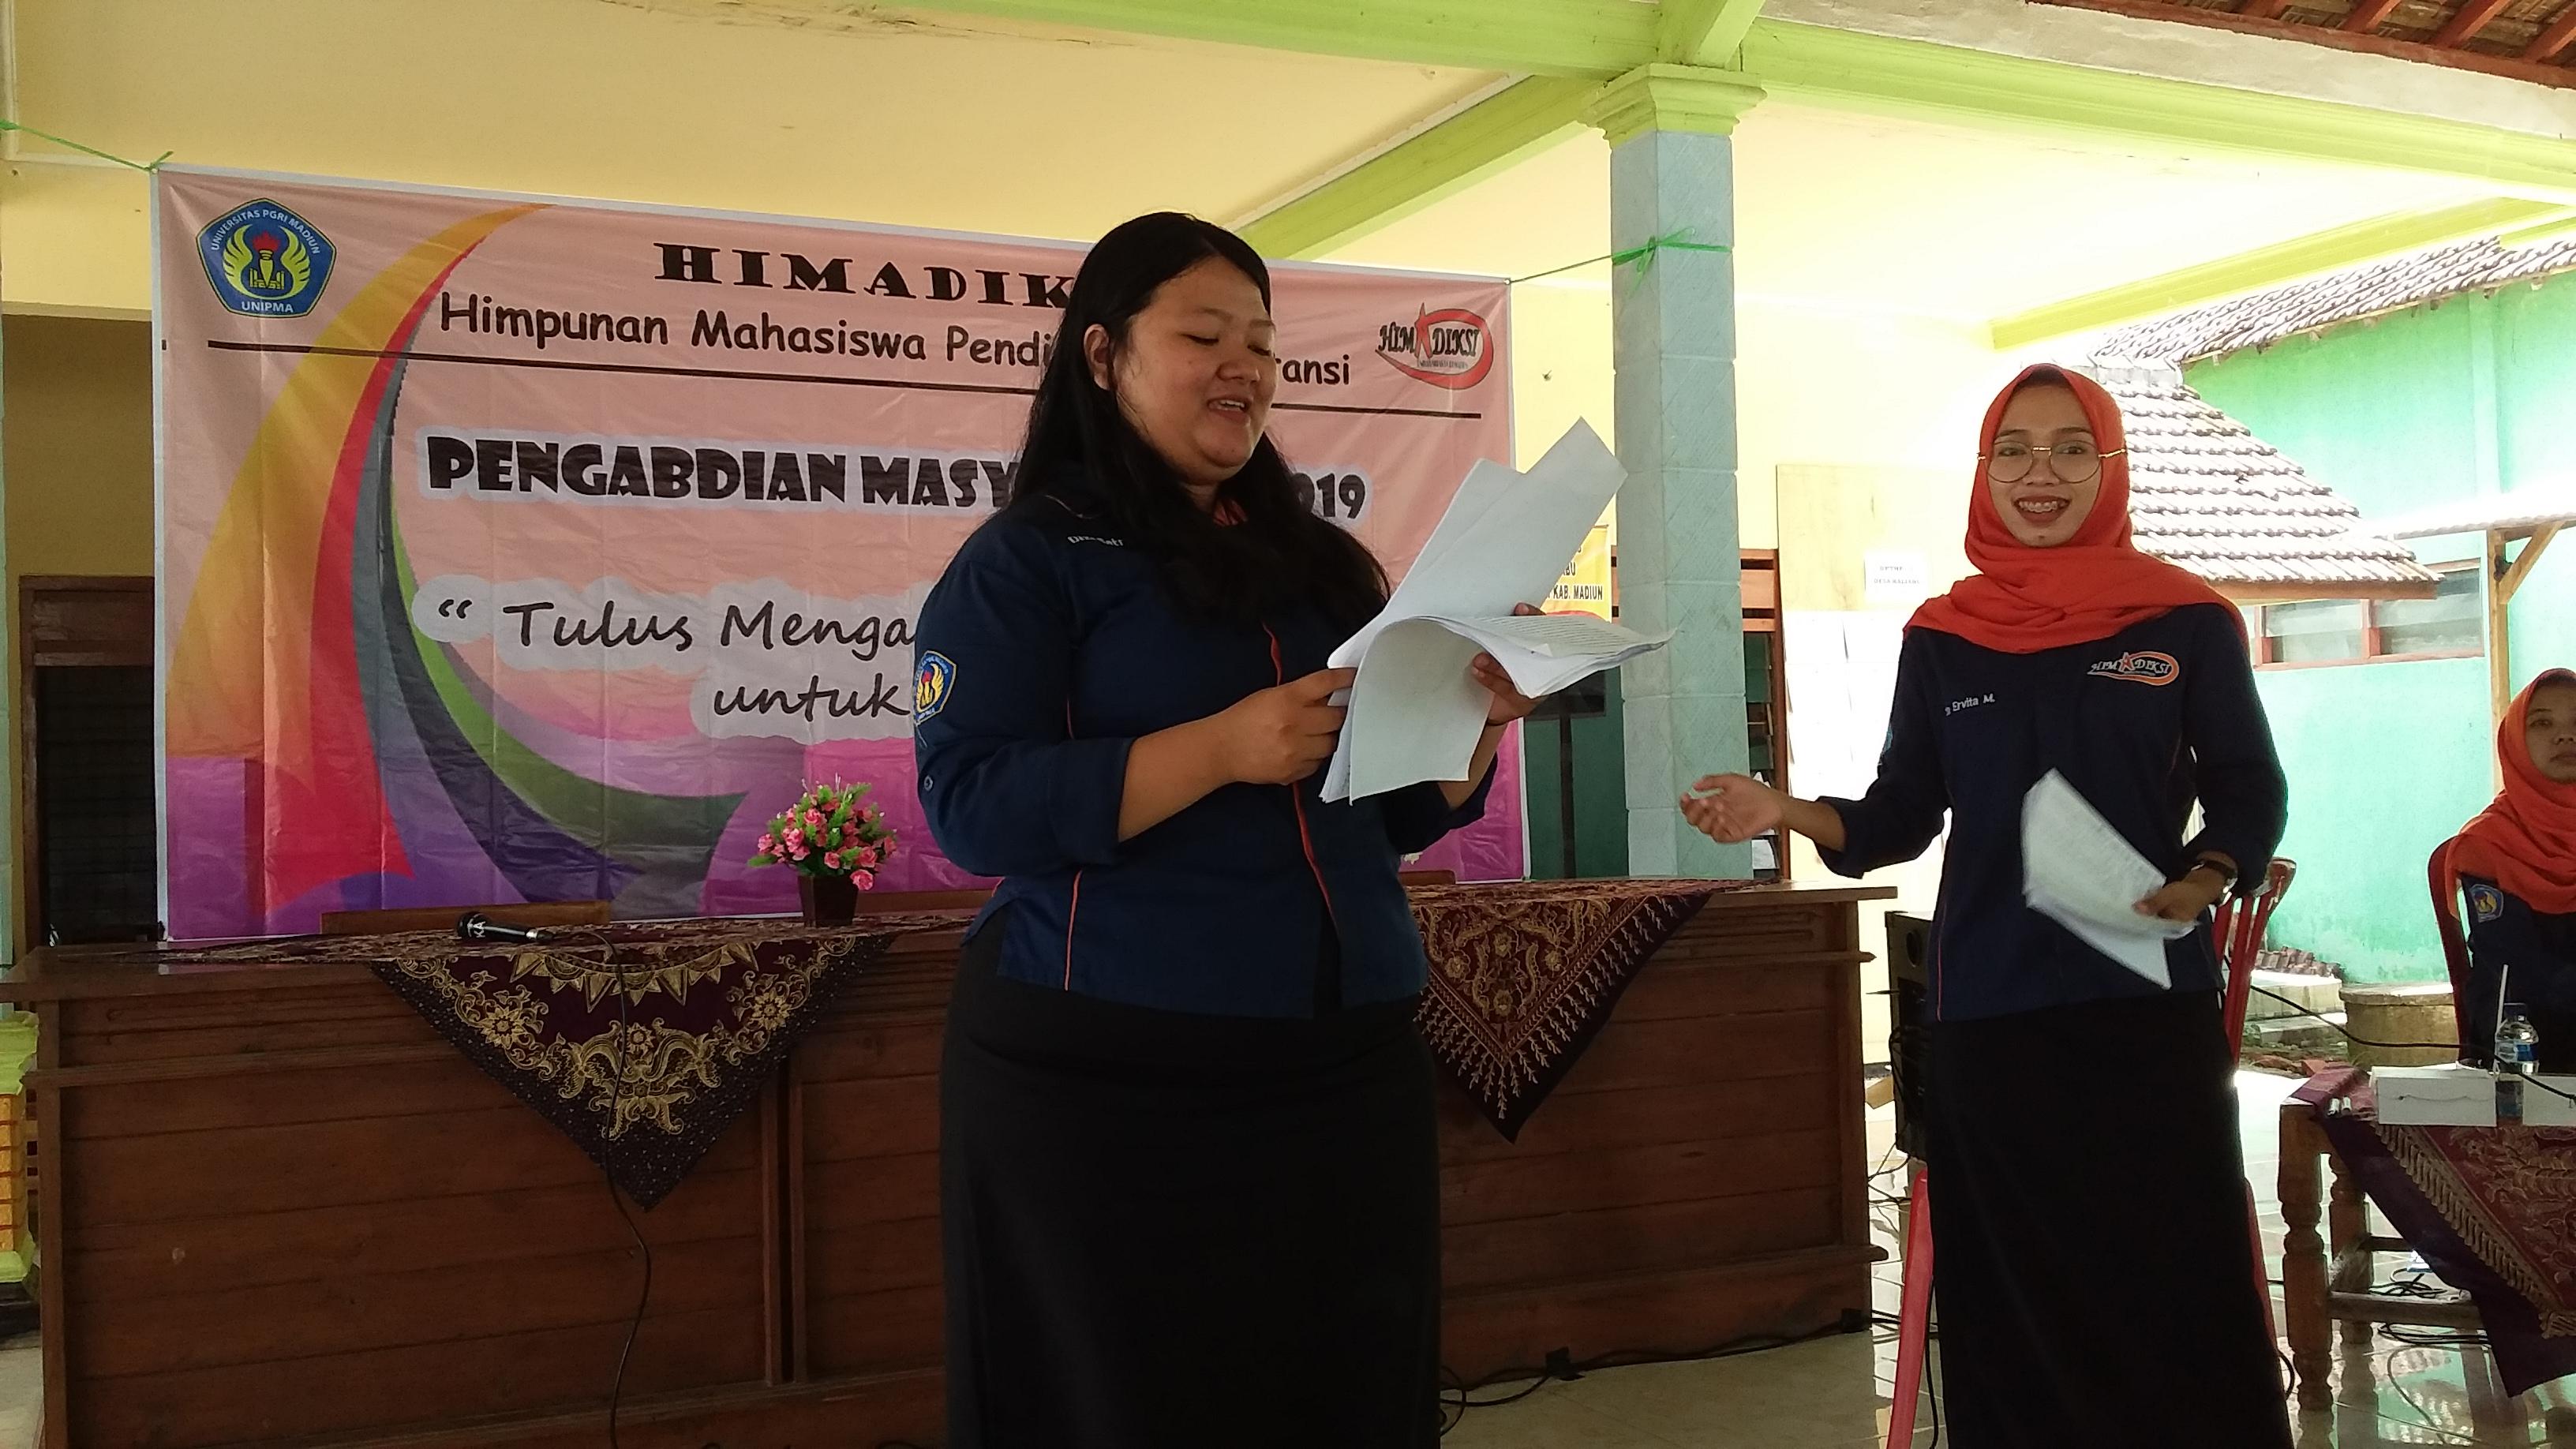 HIMPUNAN MAHASISWA PENDIDIKAN AKUNTANSI PENGABDIAN MASYARAKAT 2019